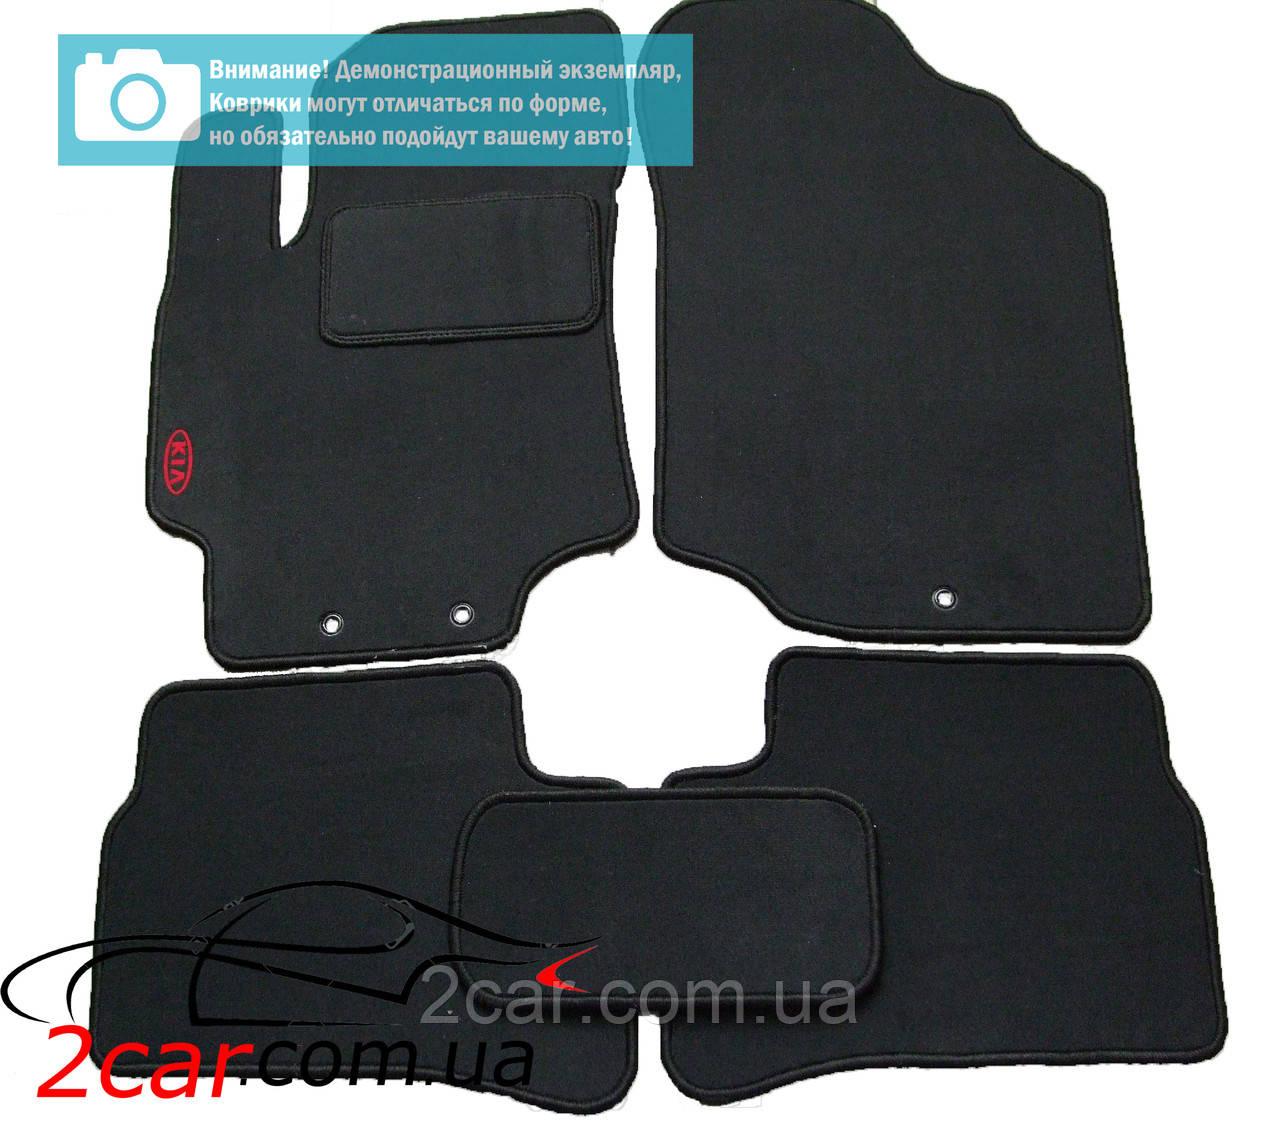 Текстильные коврики в салон для ВАЗ 2104 (серые) (StingrayUA)